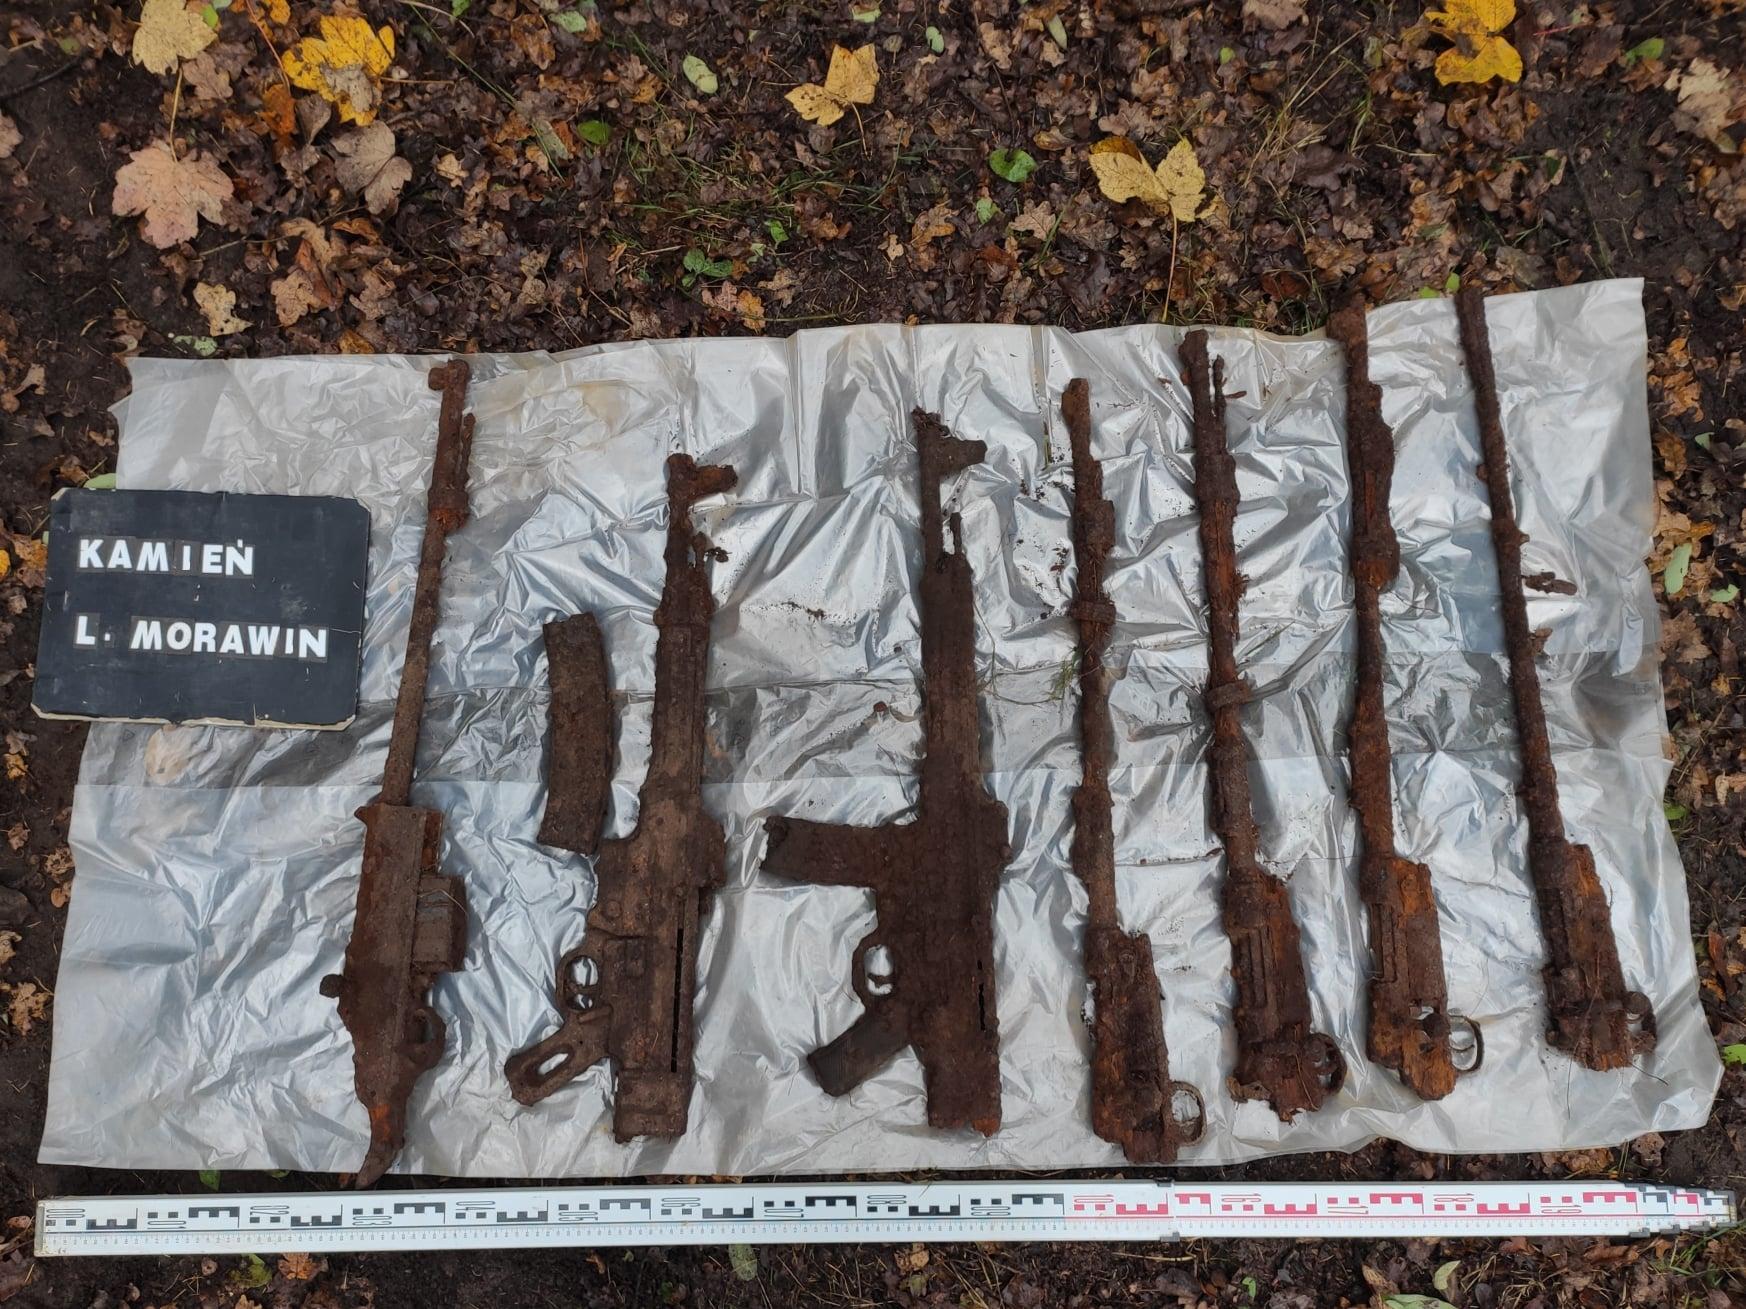 znaleziona broń lasy koło morawina kalisz - DENAR Kalisz